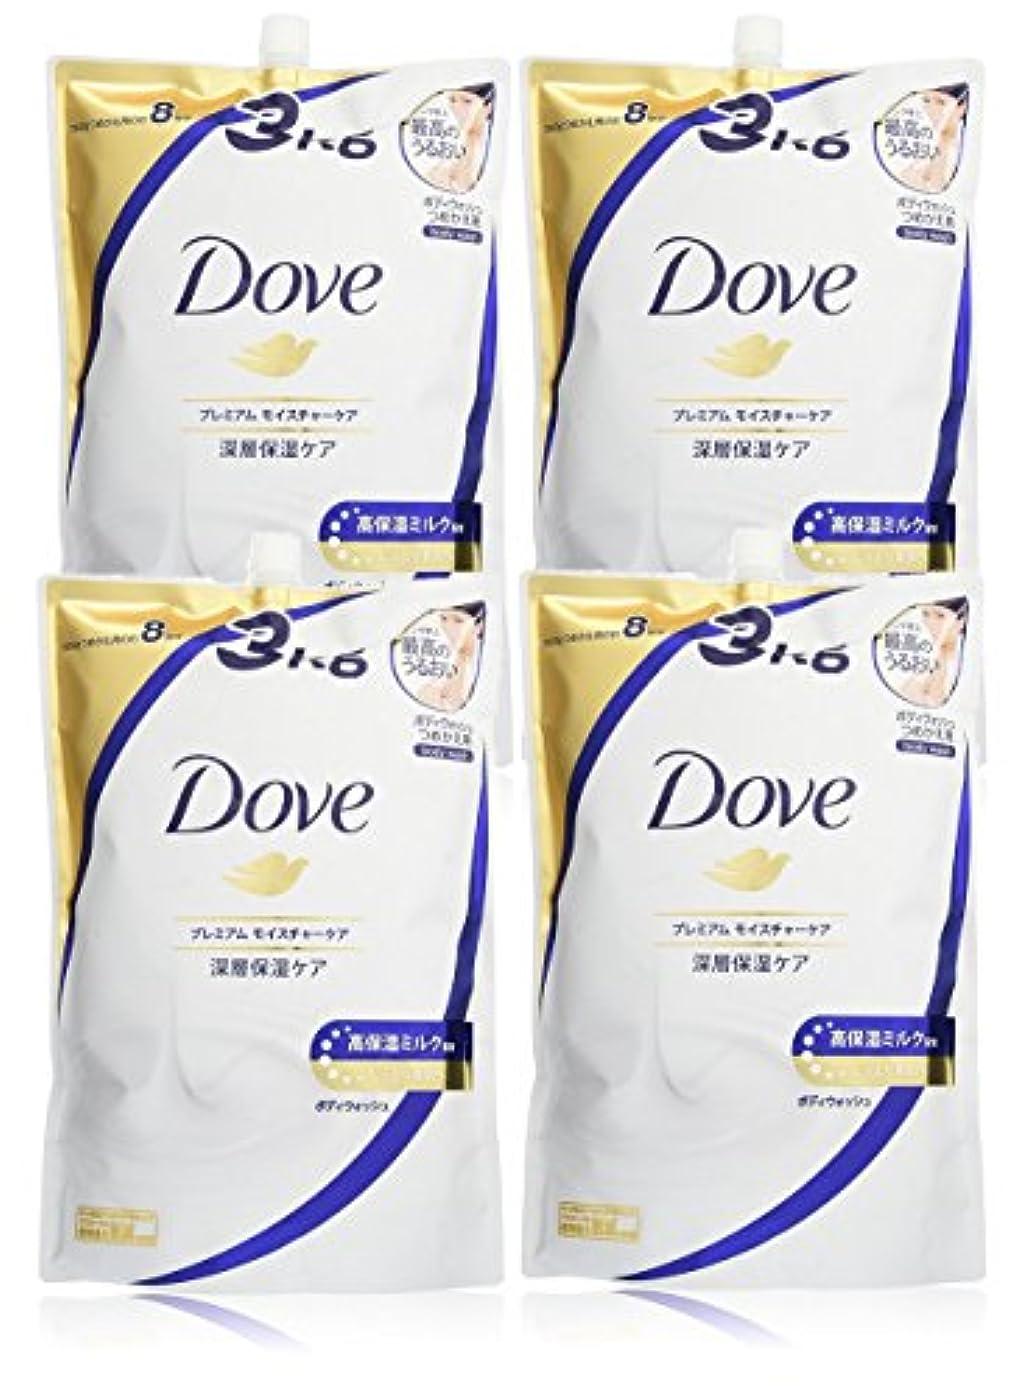 リッチ舌ブラウス【ケース販売】 Dove(ダヴ) ボディウォッシュ プレミアム モイスチャーケア つめかえ用 3kg×4個